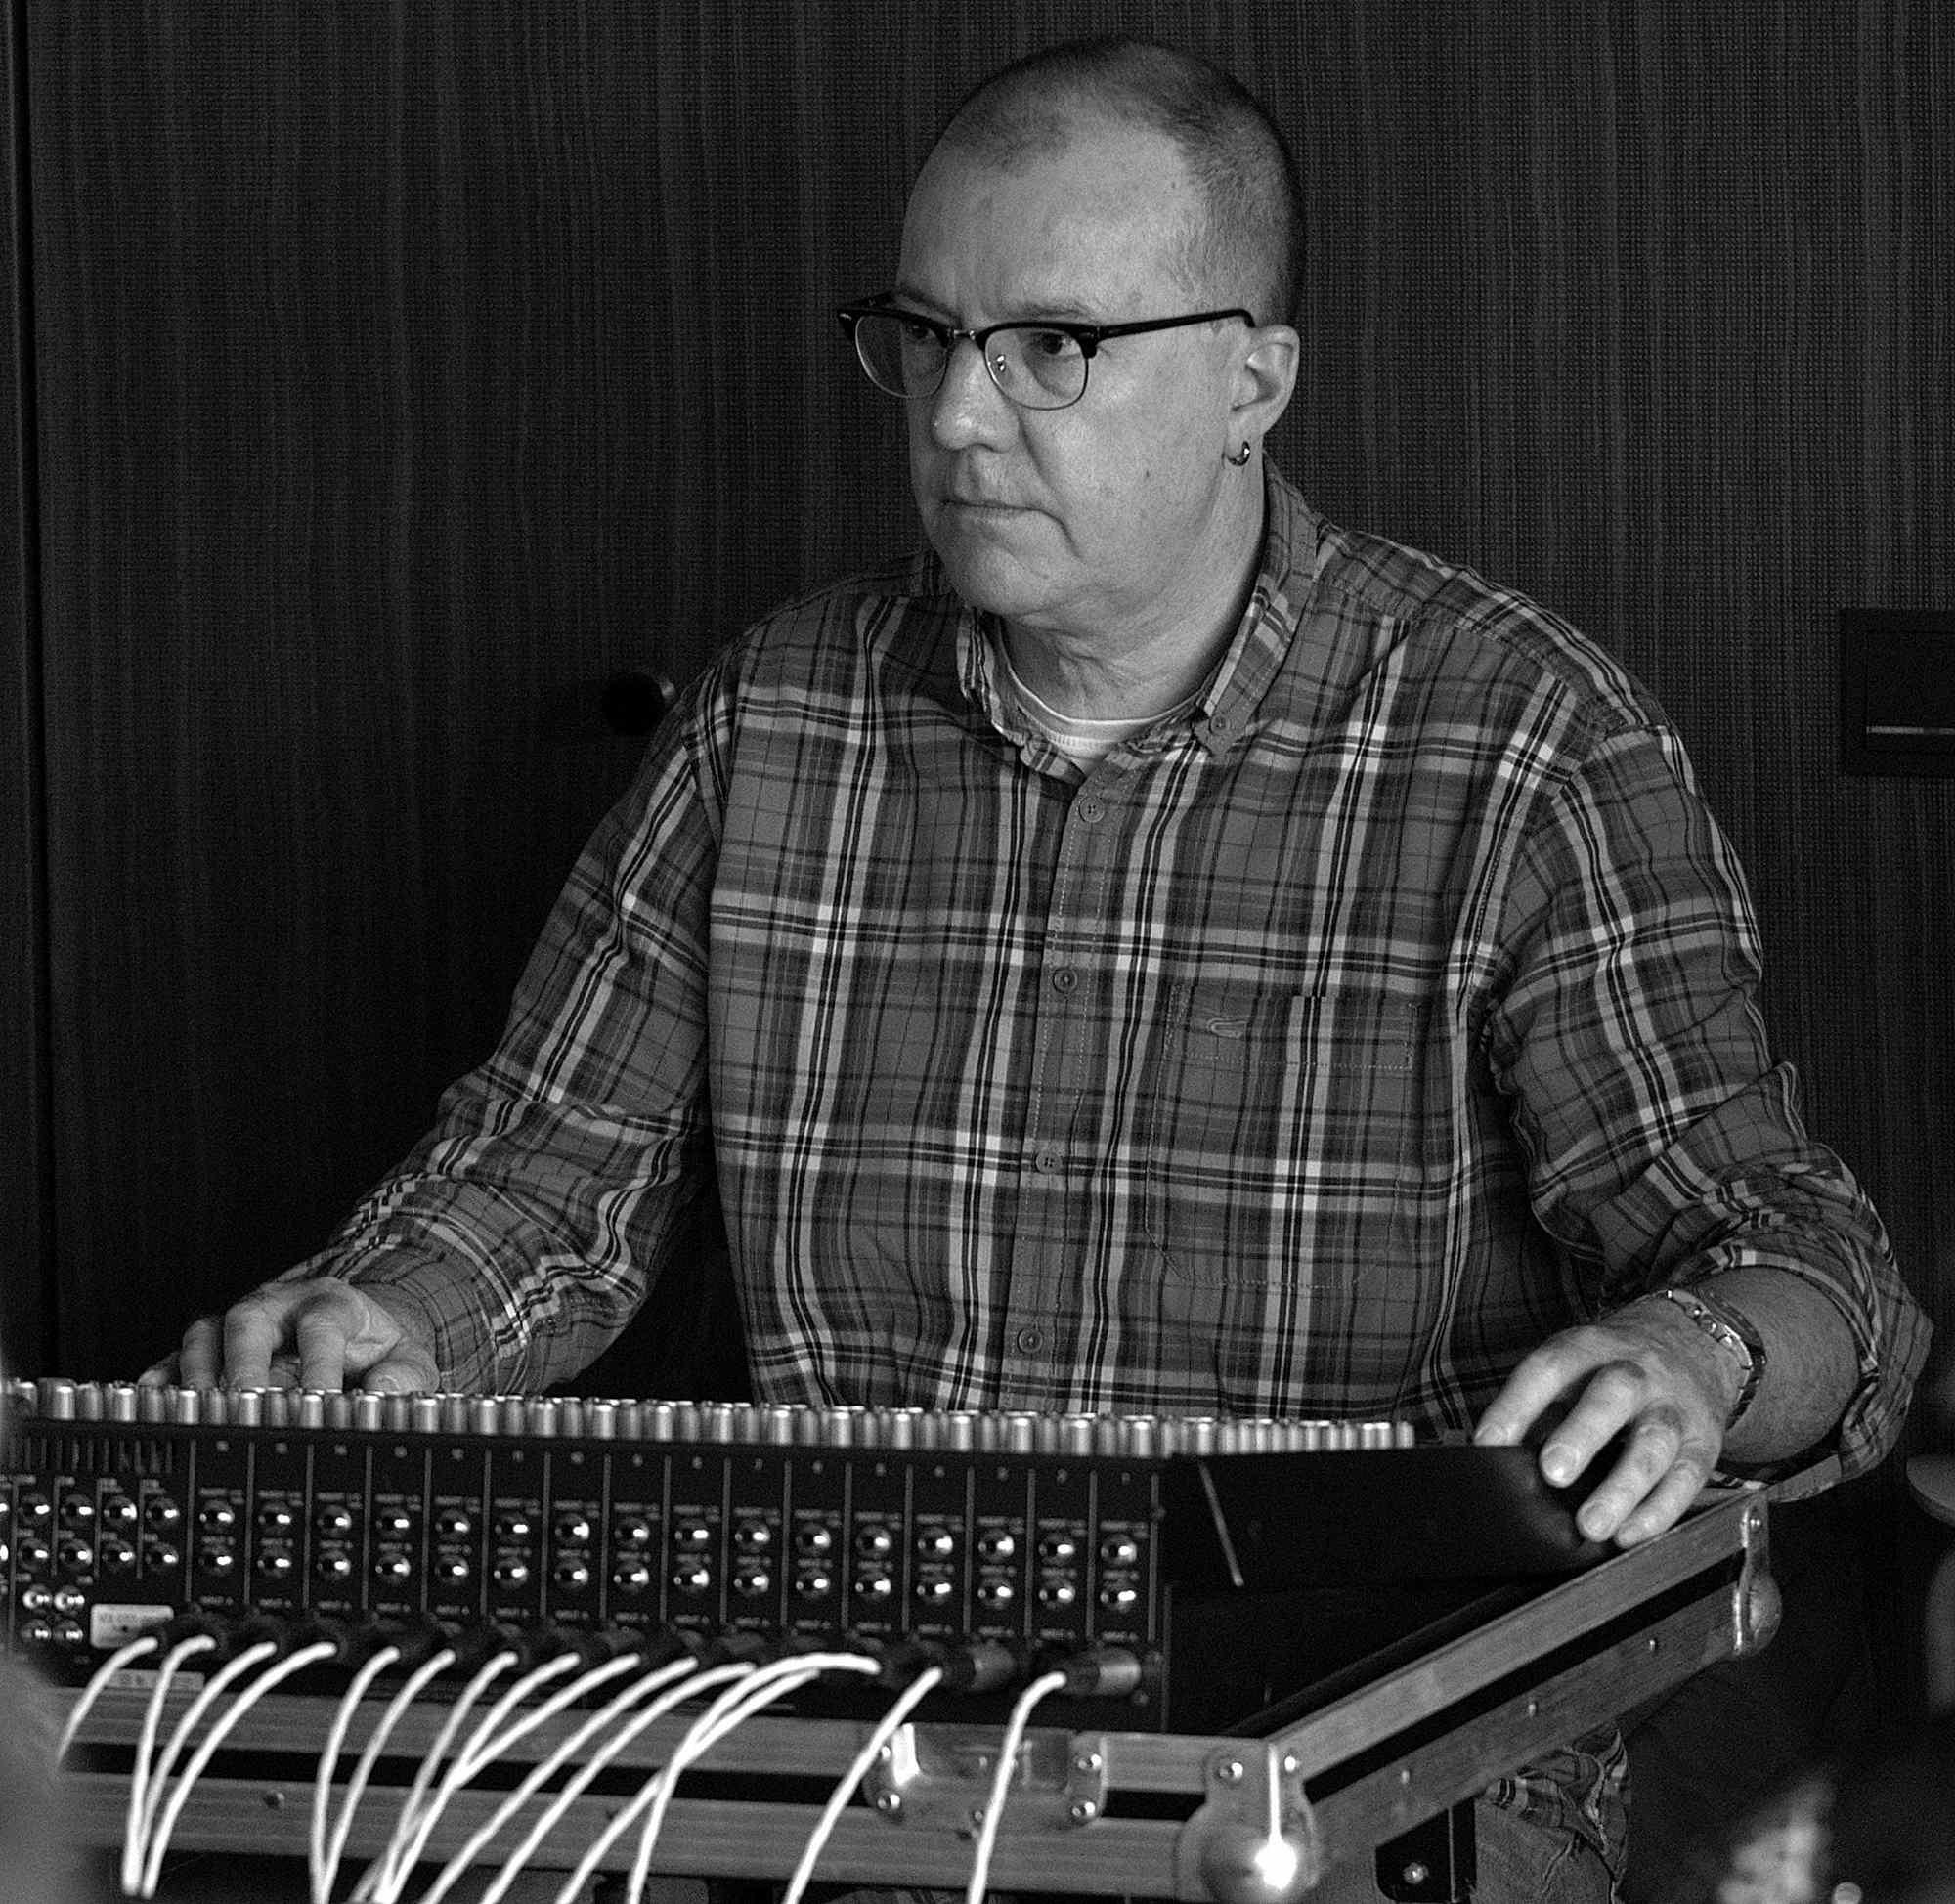 Bongos-Bigband-Konzert_20200301_DSC_2079.NEF_